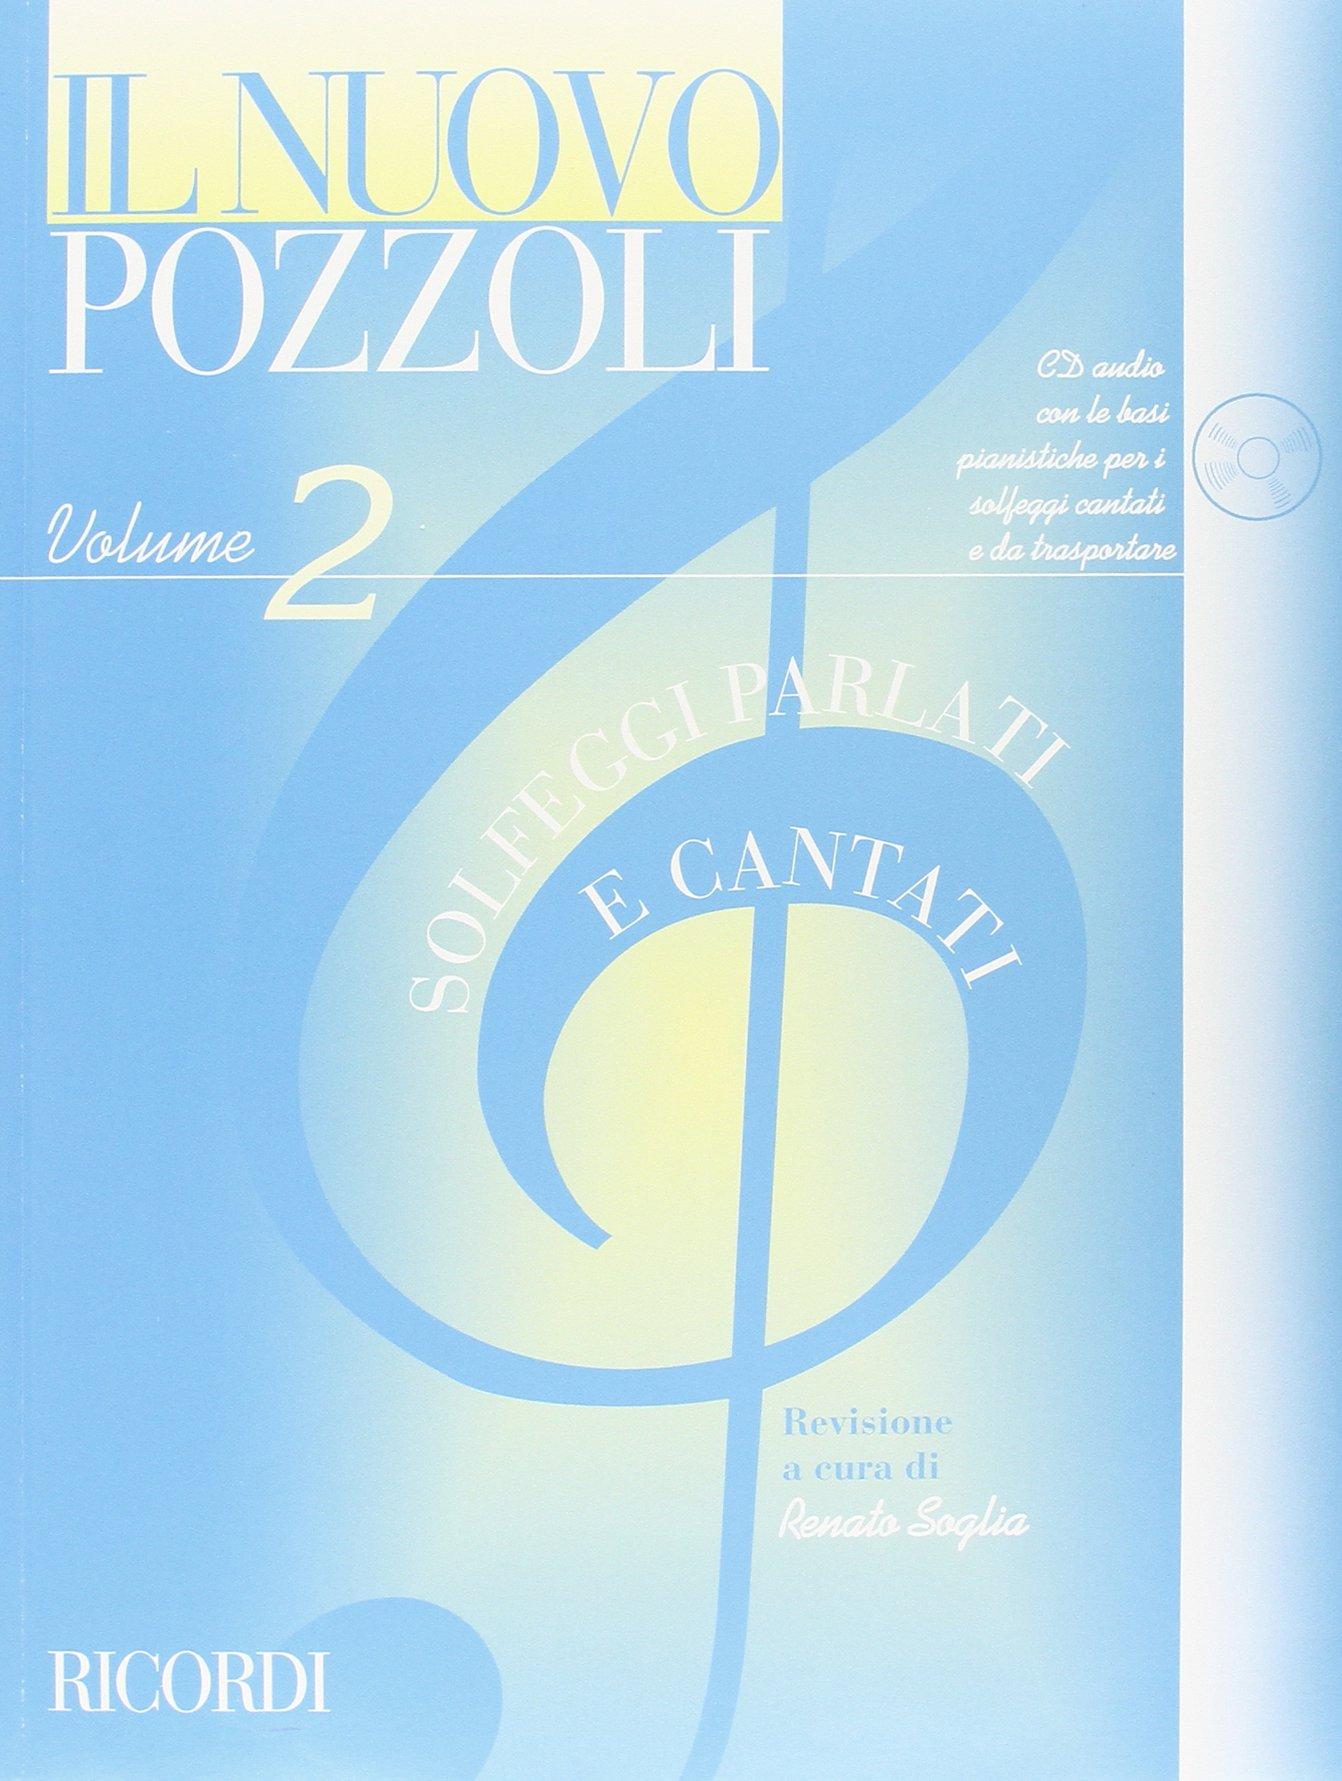 IL NUOVO POZZOLI: SOLFEGGI PARLATI E CANTATI VOL. 2 (Francese) Copertina flessibile – 4 set 2007 POZZOLI E. Ricordi 0041829522 Musique